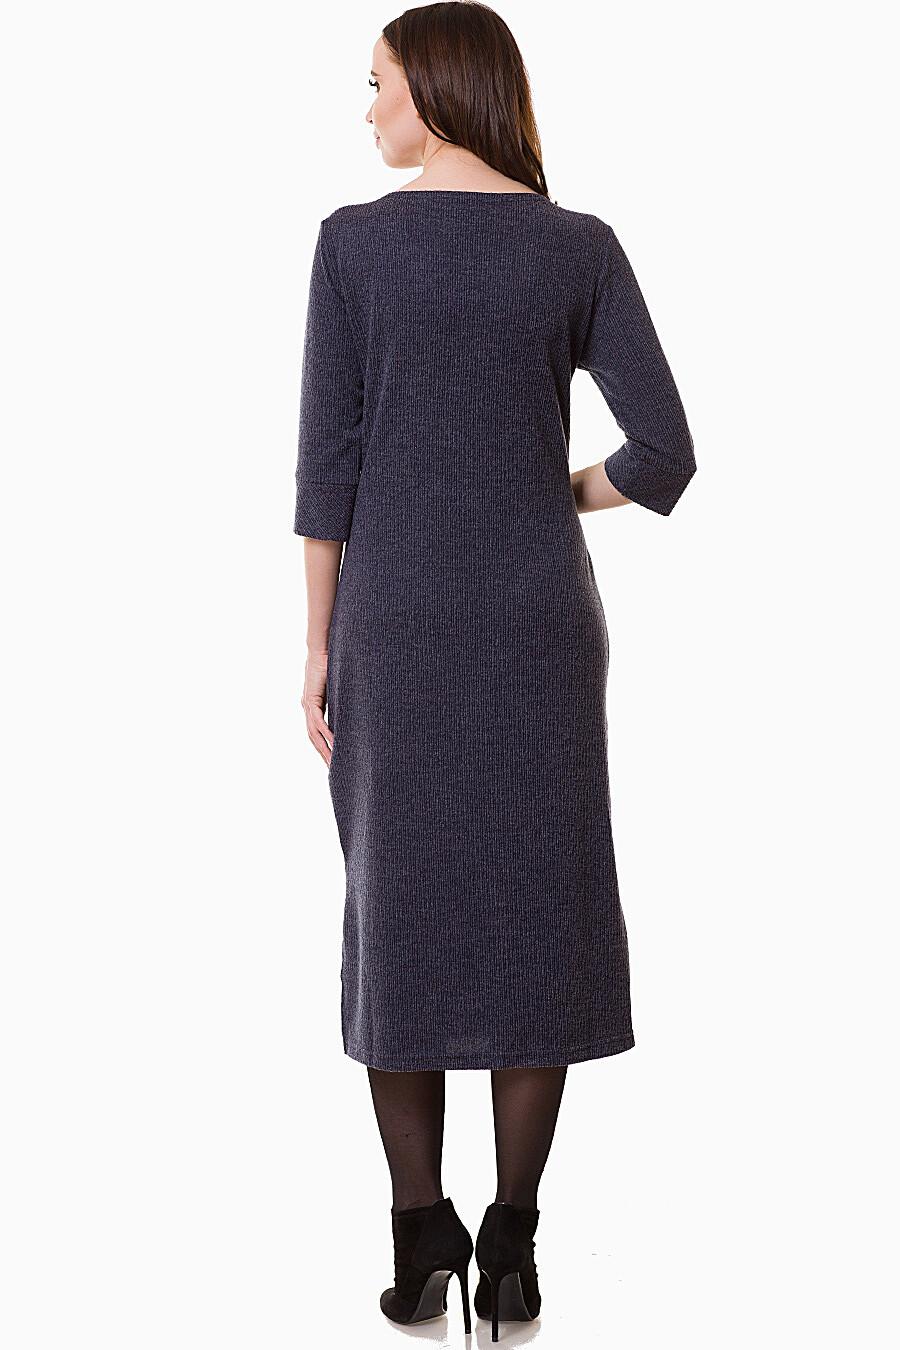 Платье AMARTI (111483), купить в Moyo.moda